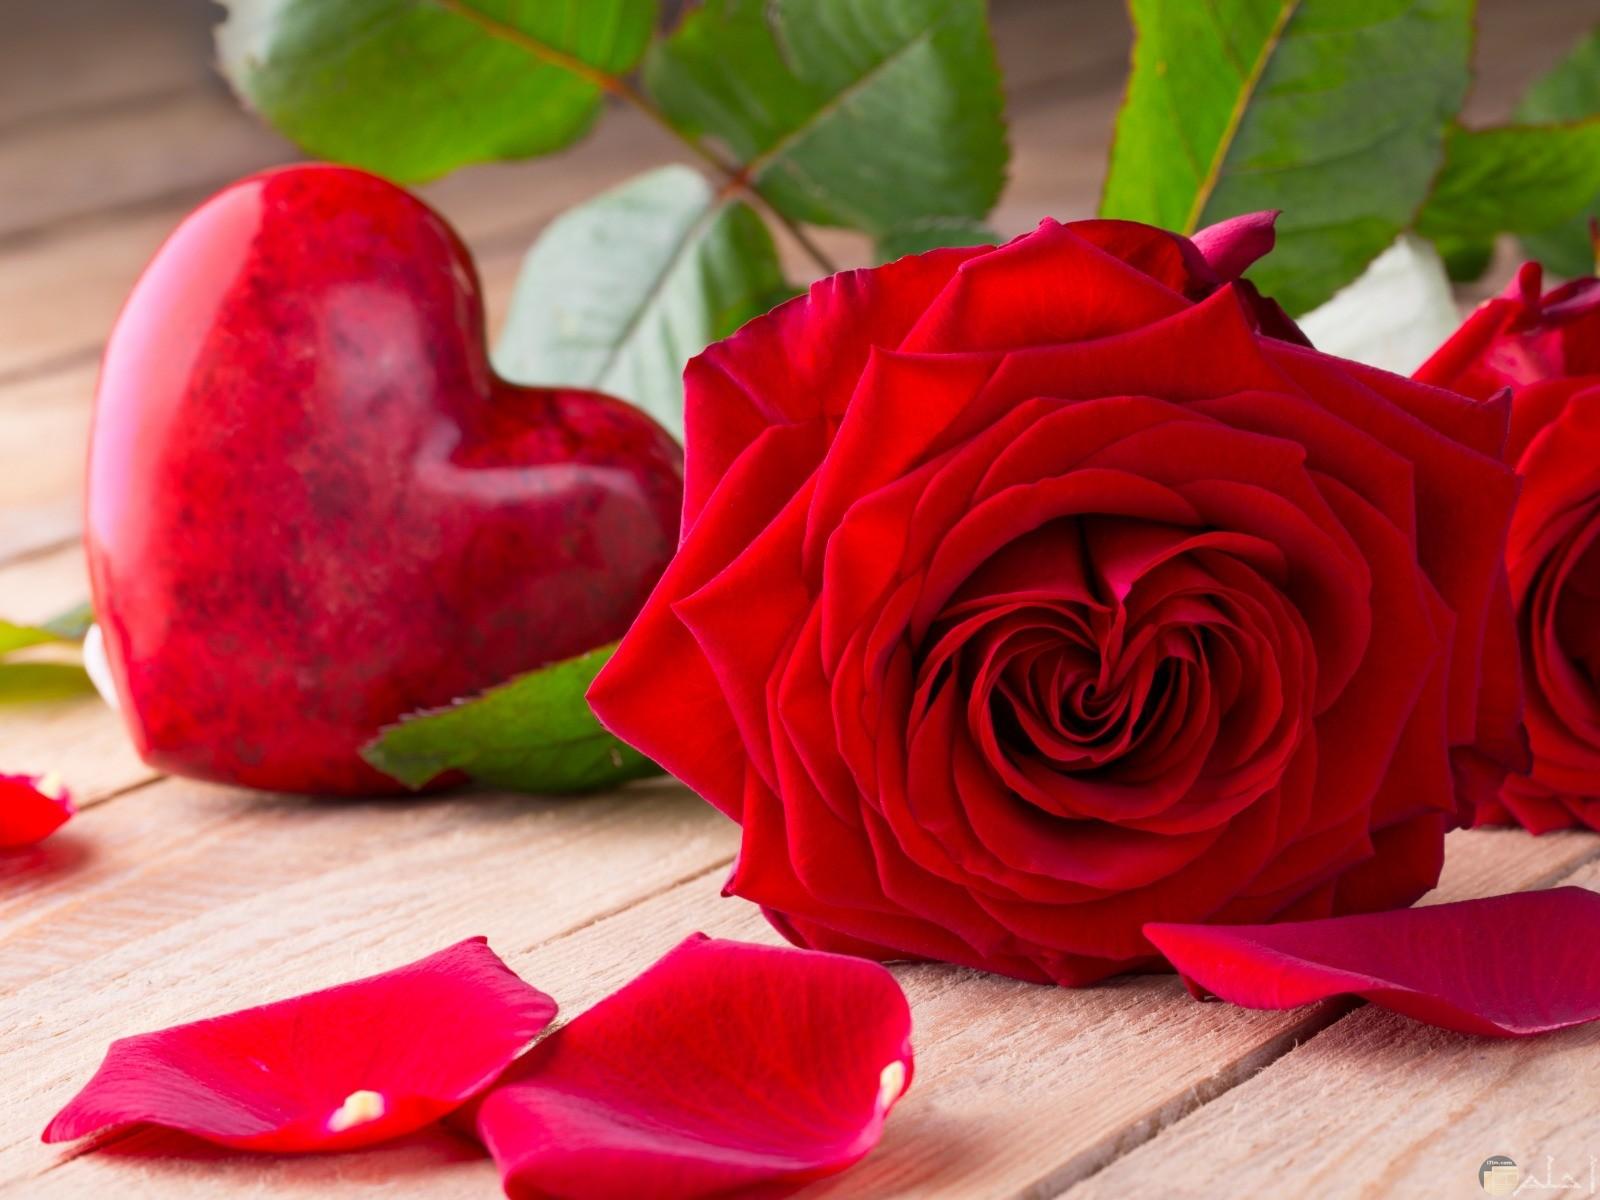 الورد الأحمر رسالة جميلة.